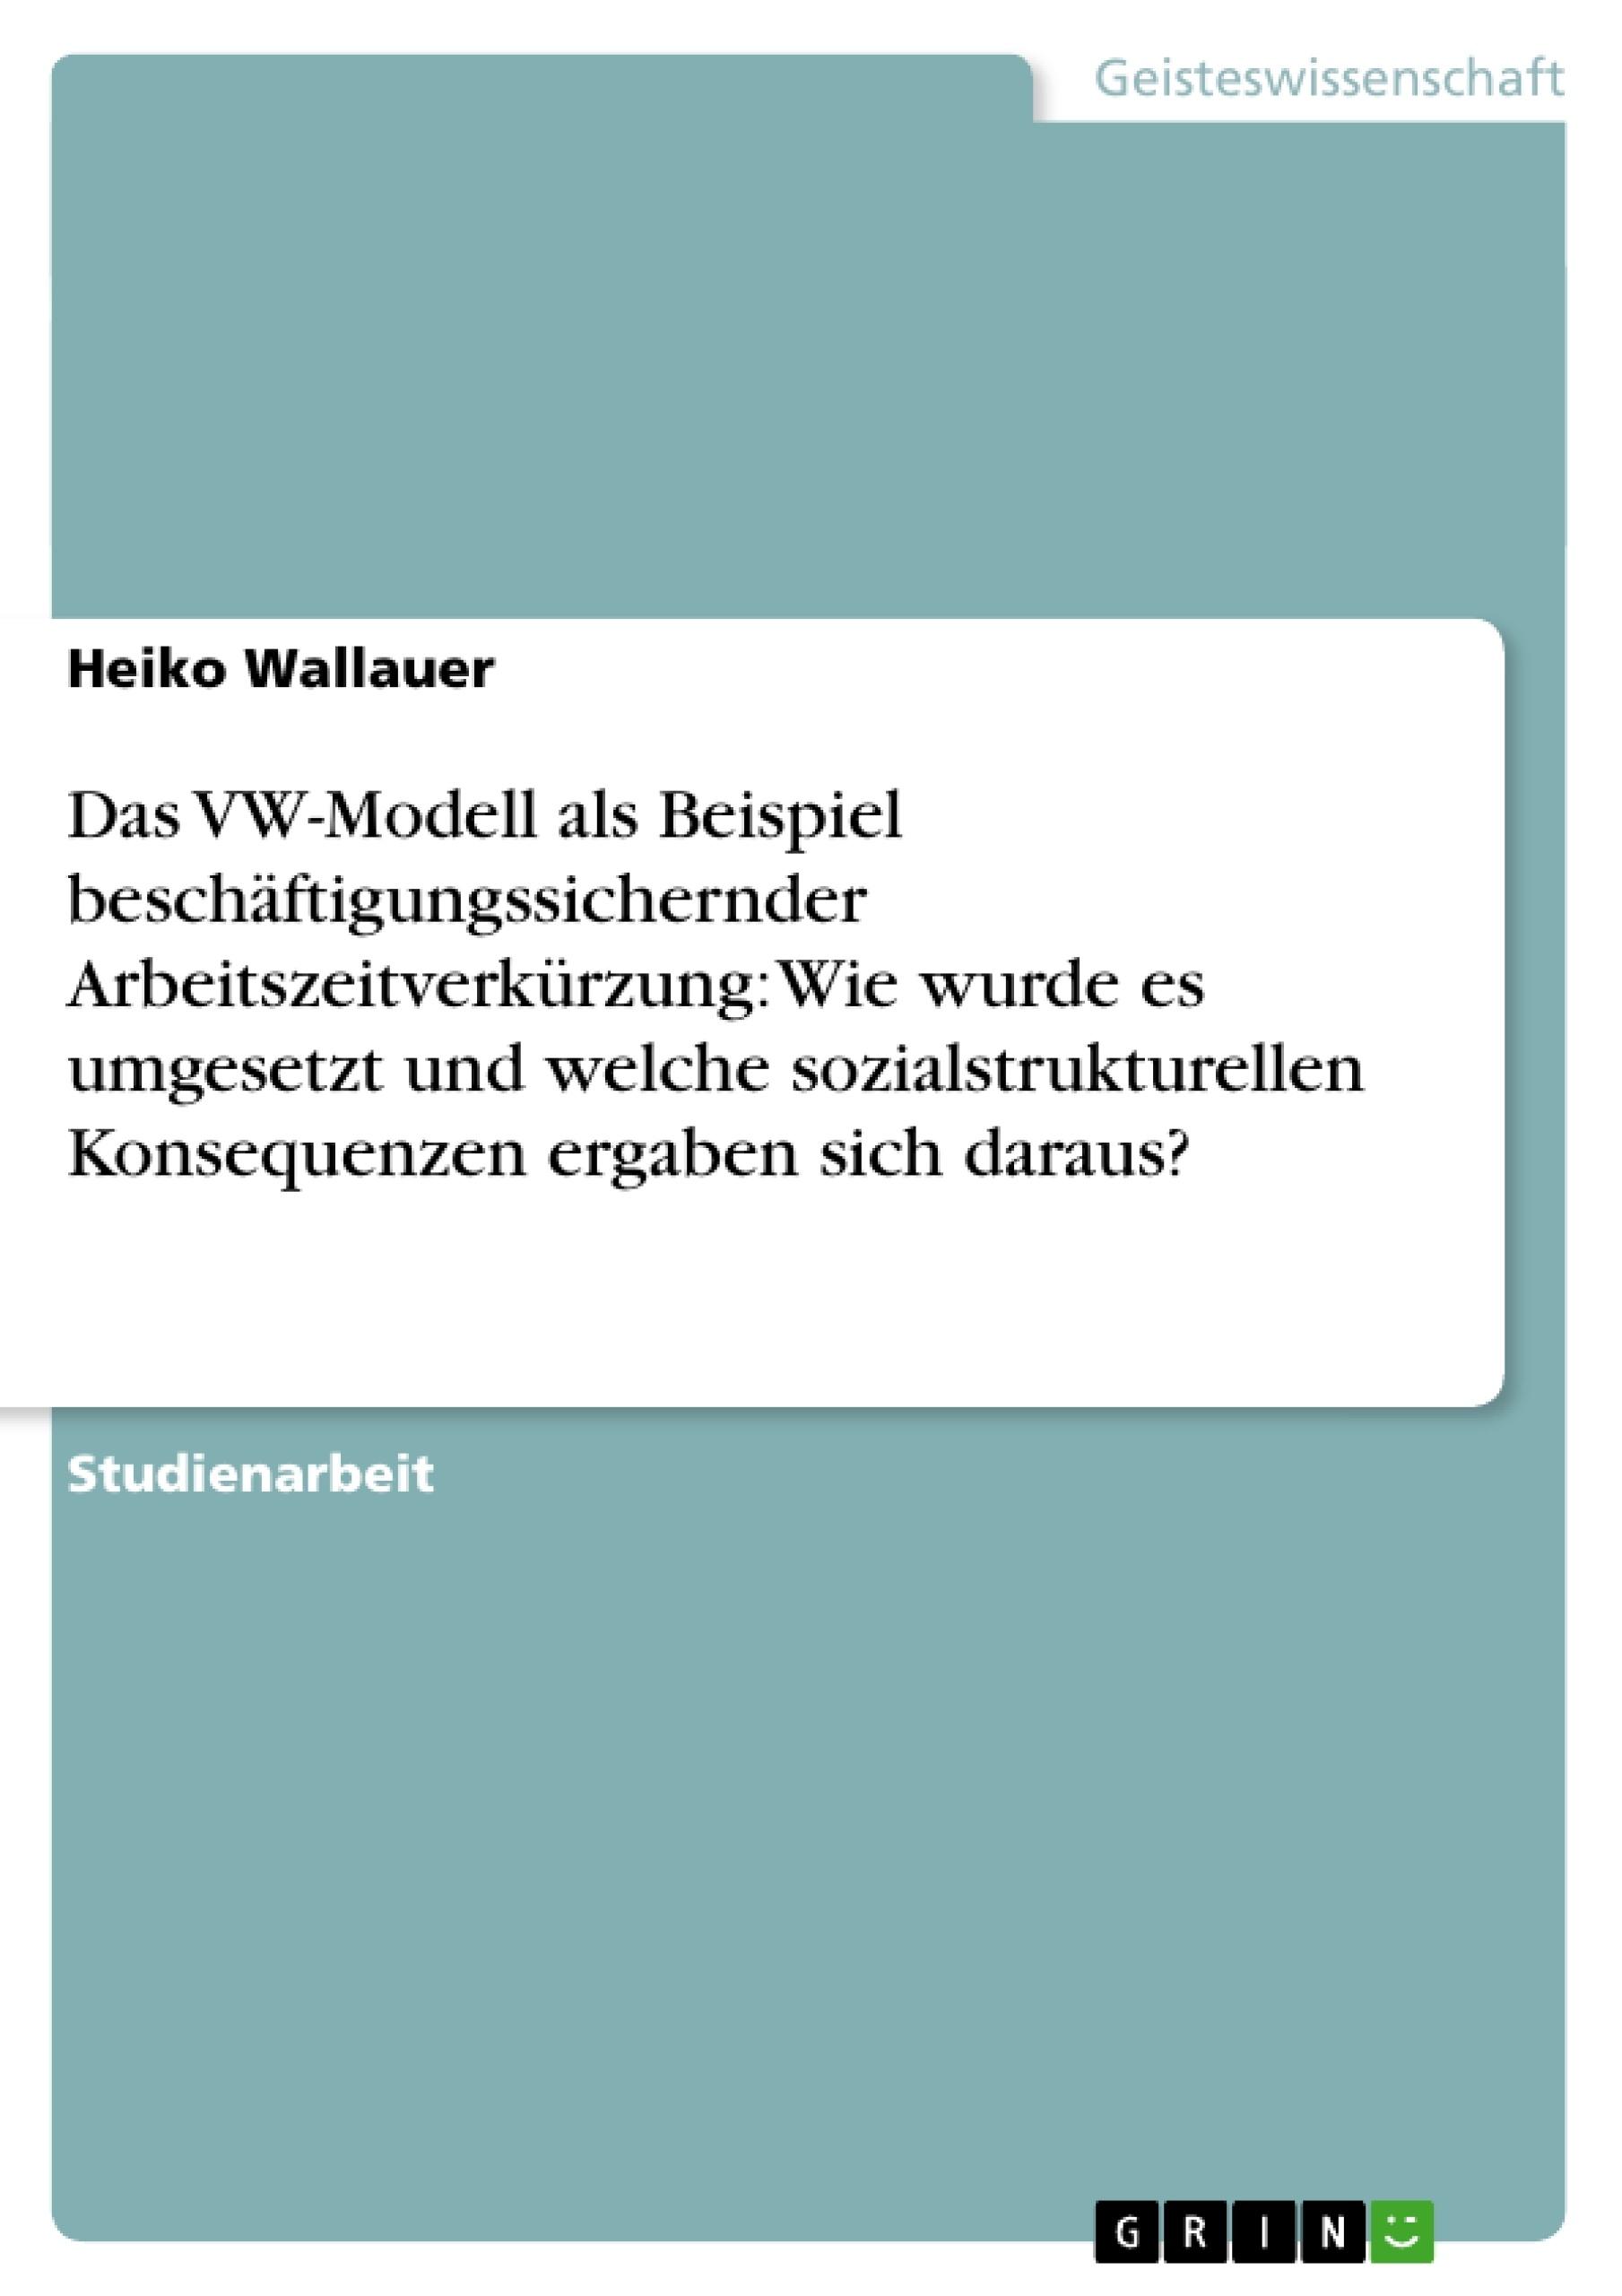 Titel: Das VW-Modell als Beispiel beschäftigungssichernder Arbeitszeitverkürzung: Wie wurde es umgesetzt und welche sozialstrukturellen Konsequenzen ergaben sich daraus?